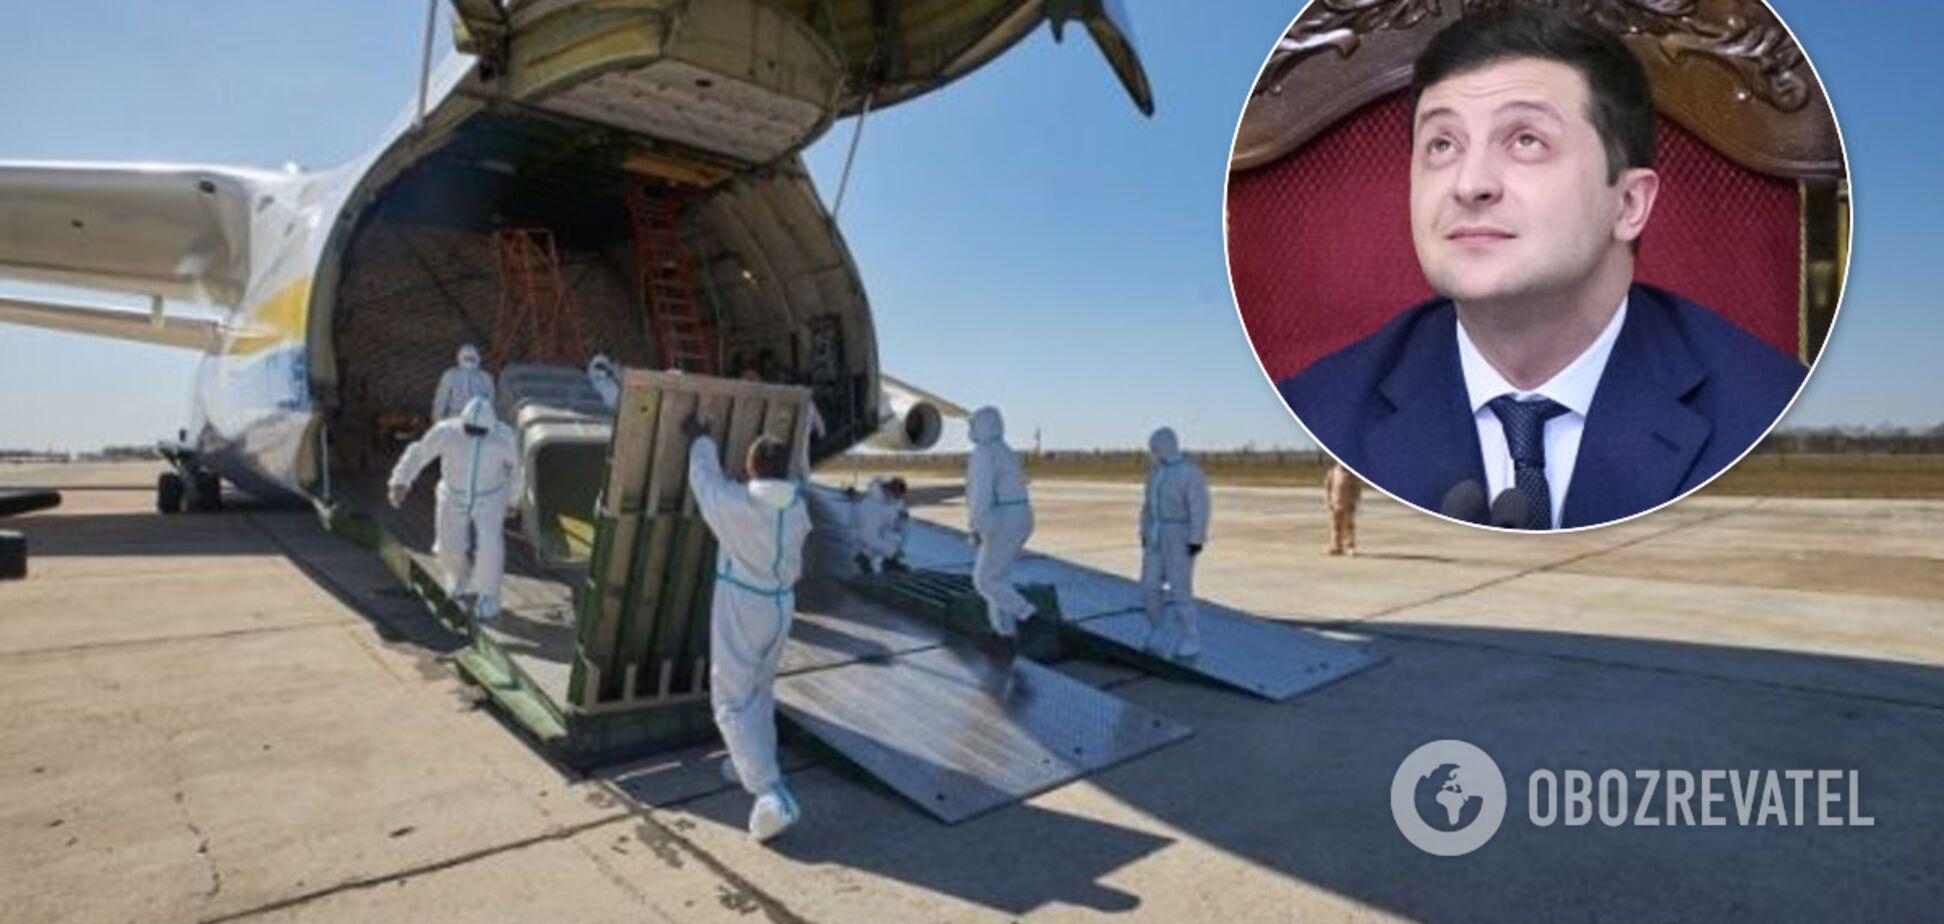 Воровство во время пандемии: Зеленский замолчал тему о мародерстве гуманитарки